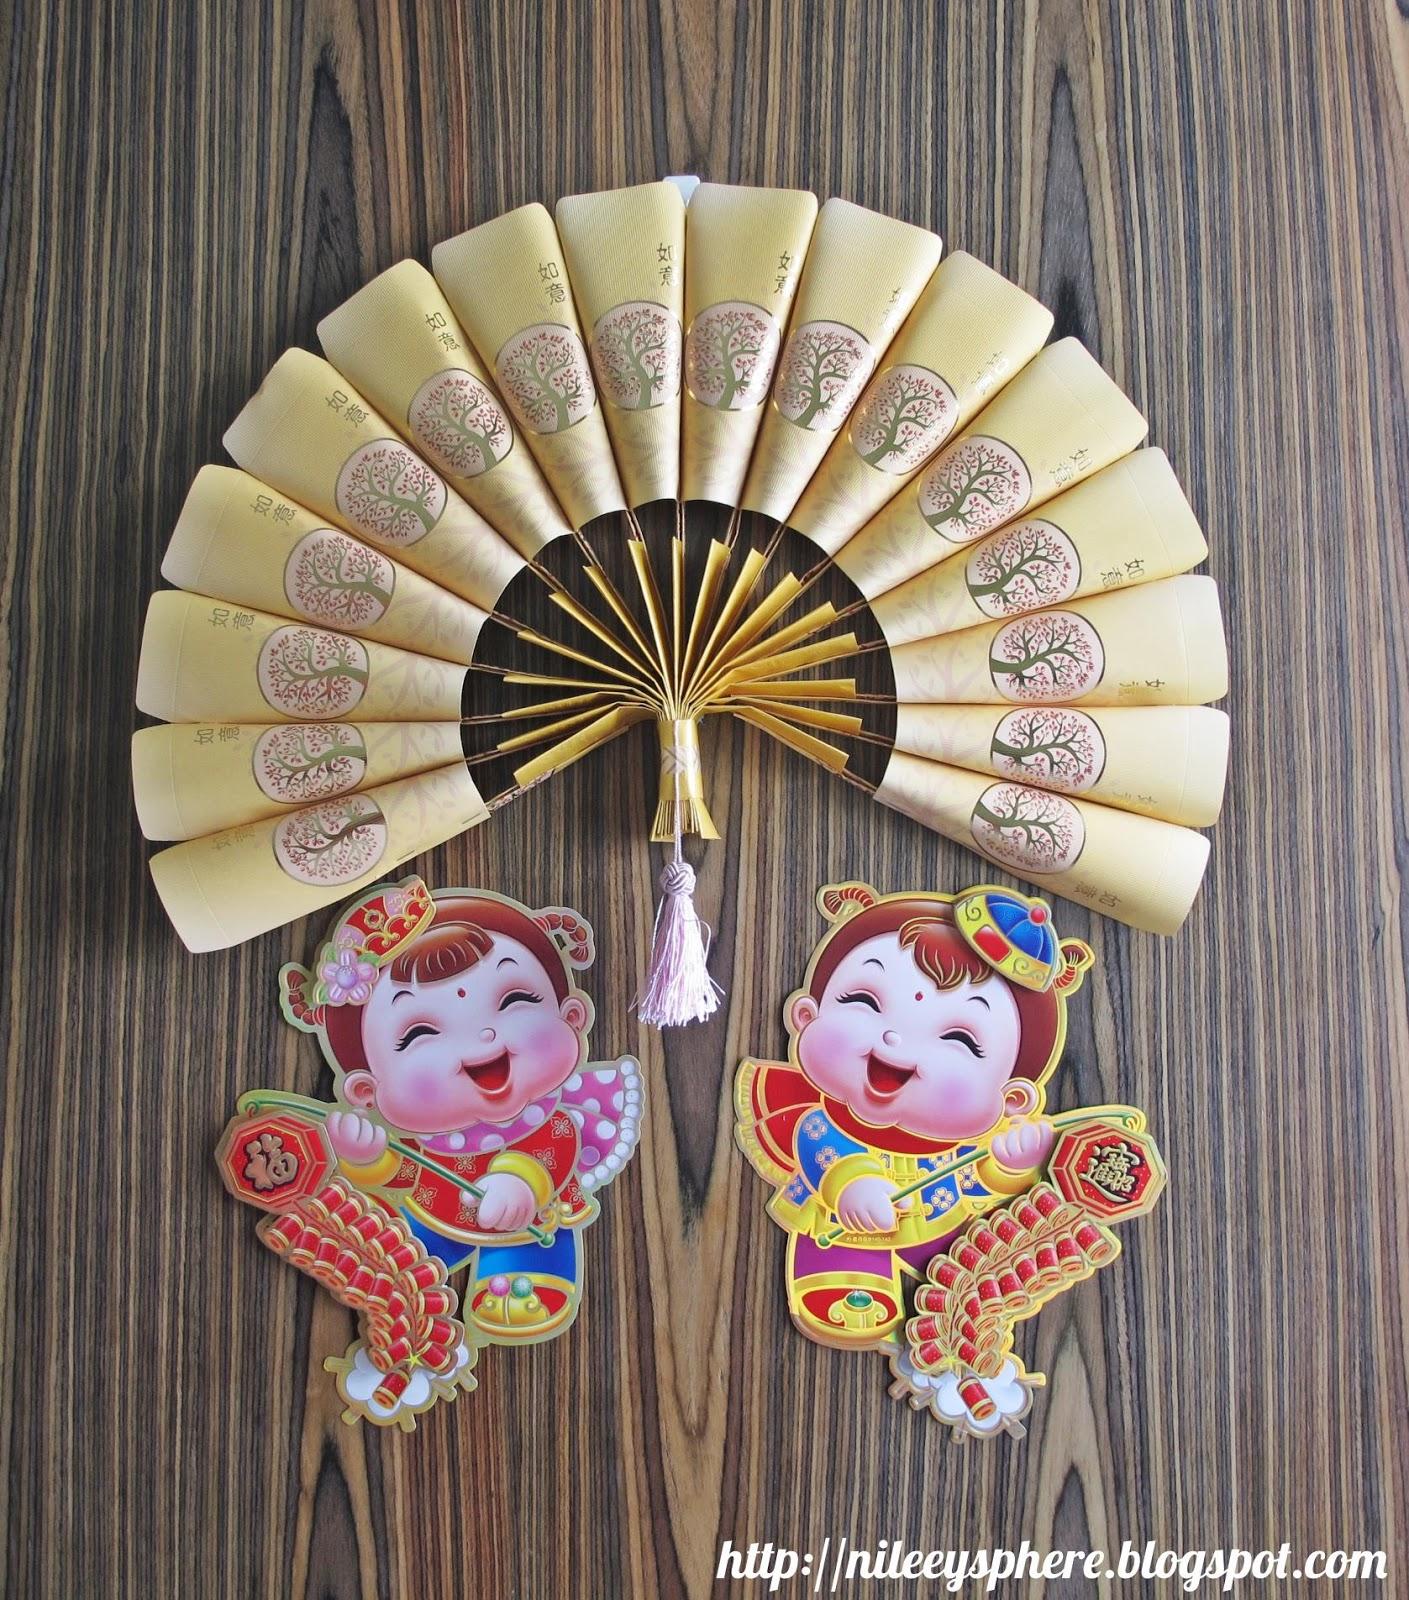 Ang Pow Packet Fan Ornament 红包扇子 Nileey S Sphere